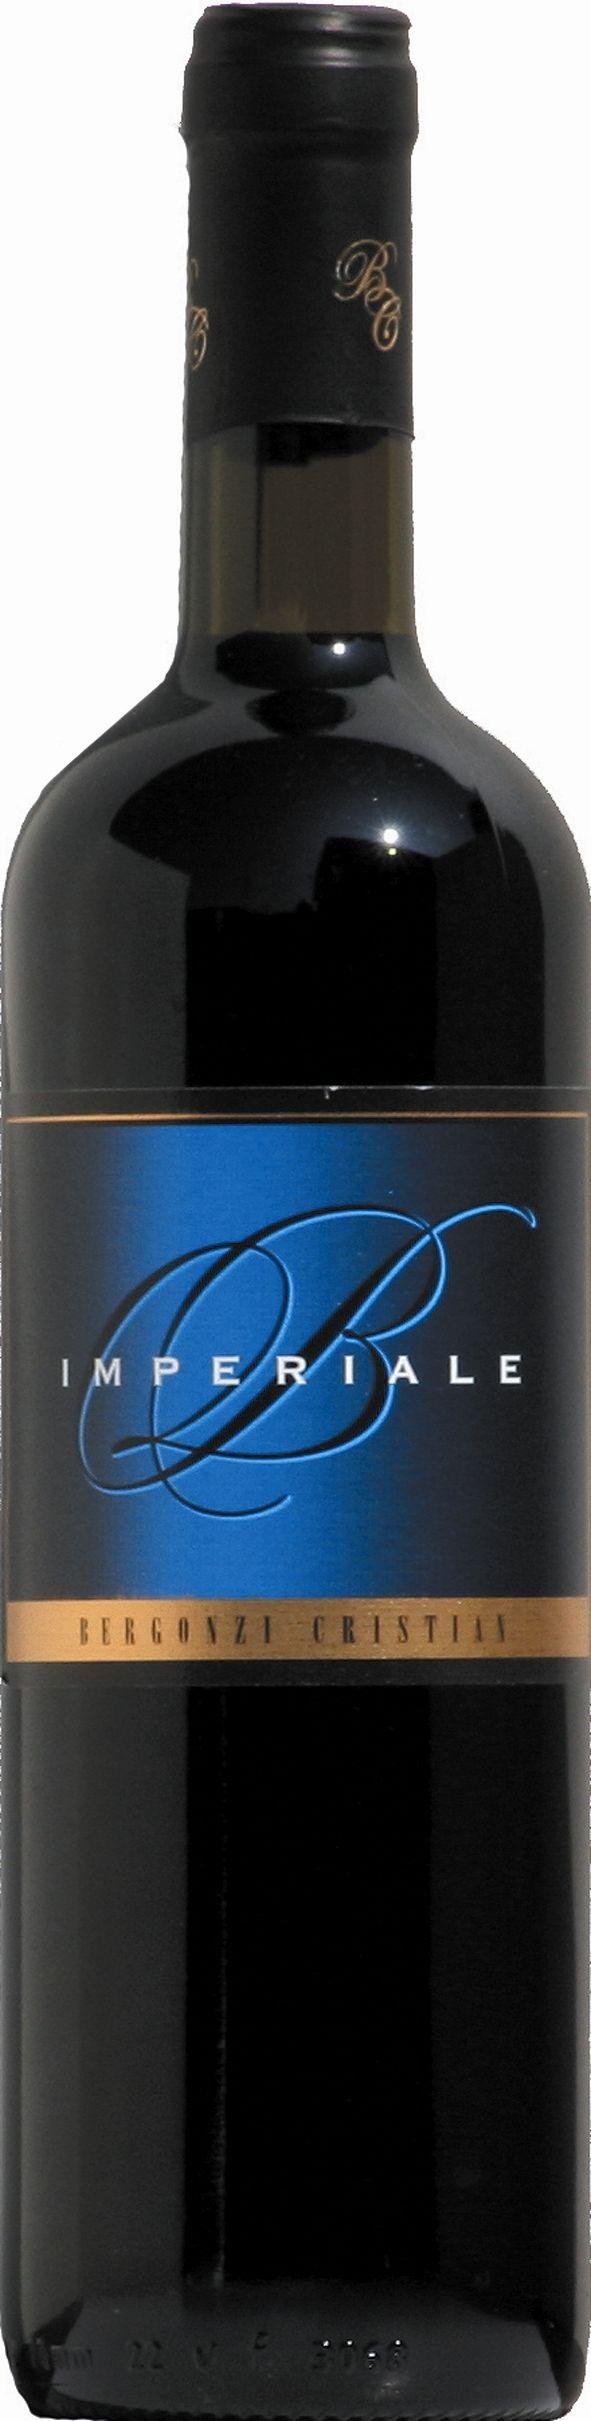 Azienda Agricola BERGONZI CRISTIAN - Vino Imperiale